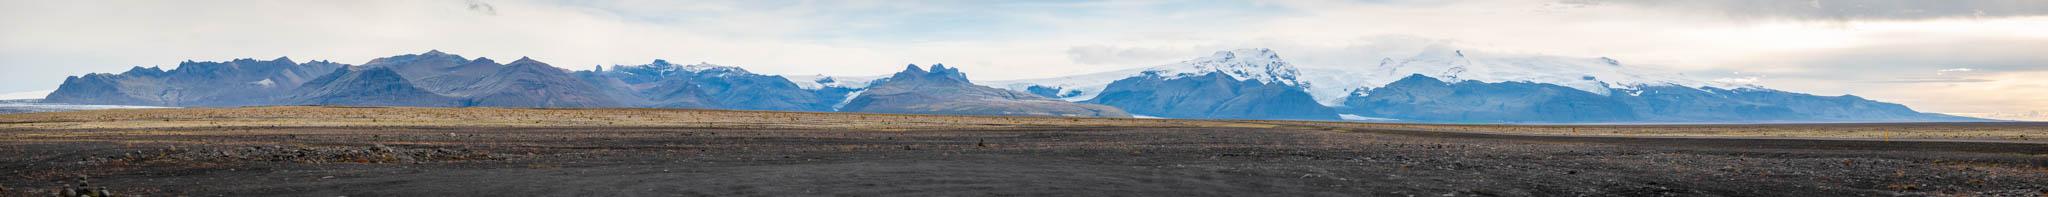 Reportaje fotográfico para Tierras Polares en Islandia - Panorámica montada a partir de 22 fotografías